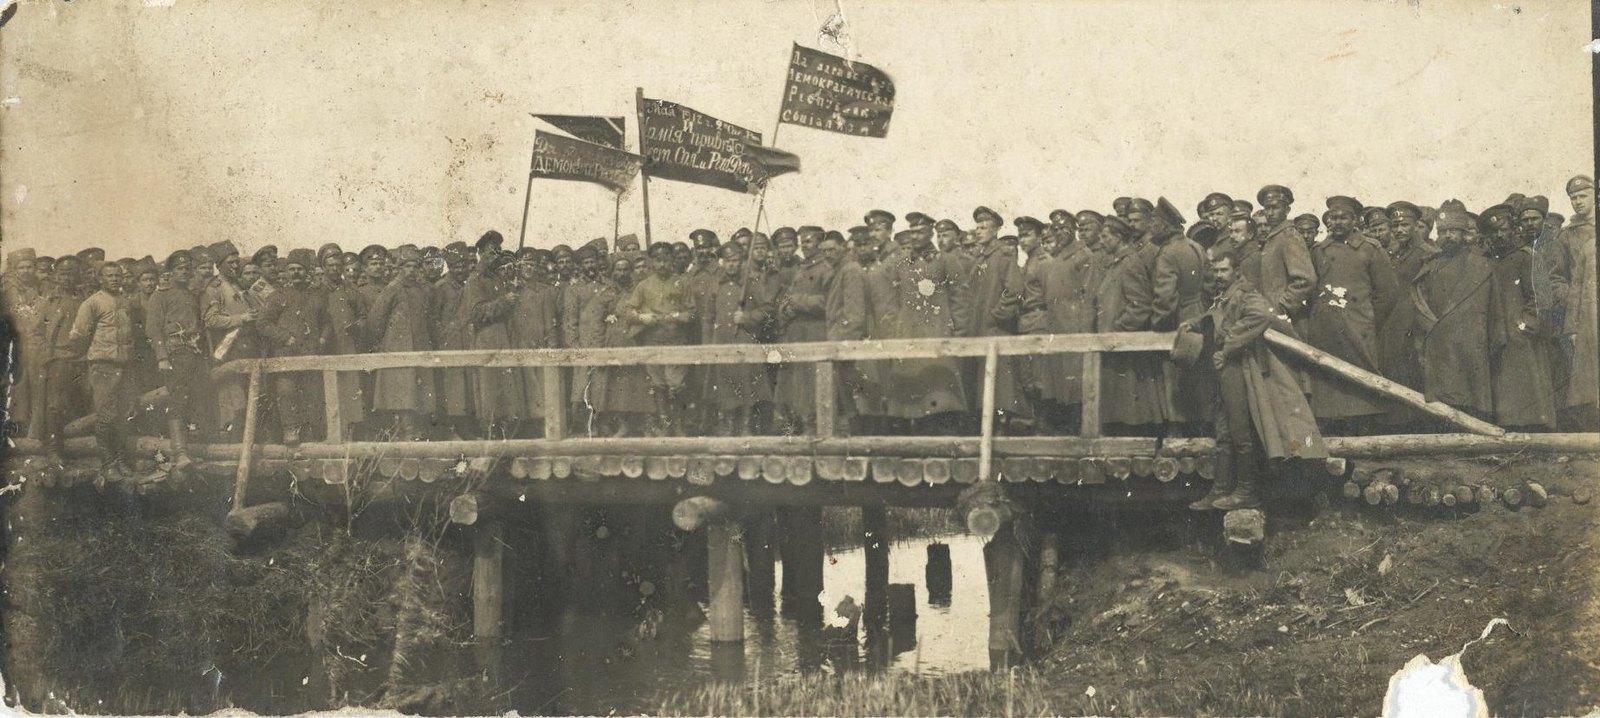 29. Сапёрный полк, самовольно снявшийся с фронта, следует с революционными знамёнами на митинг в Барановичи